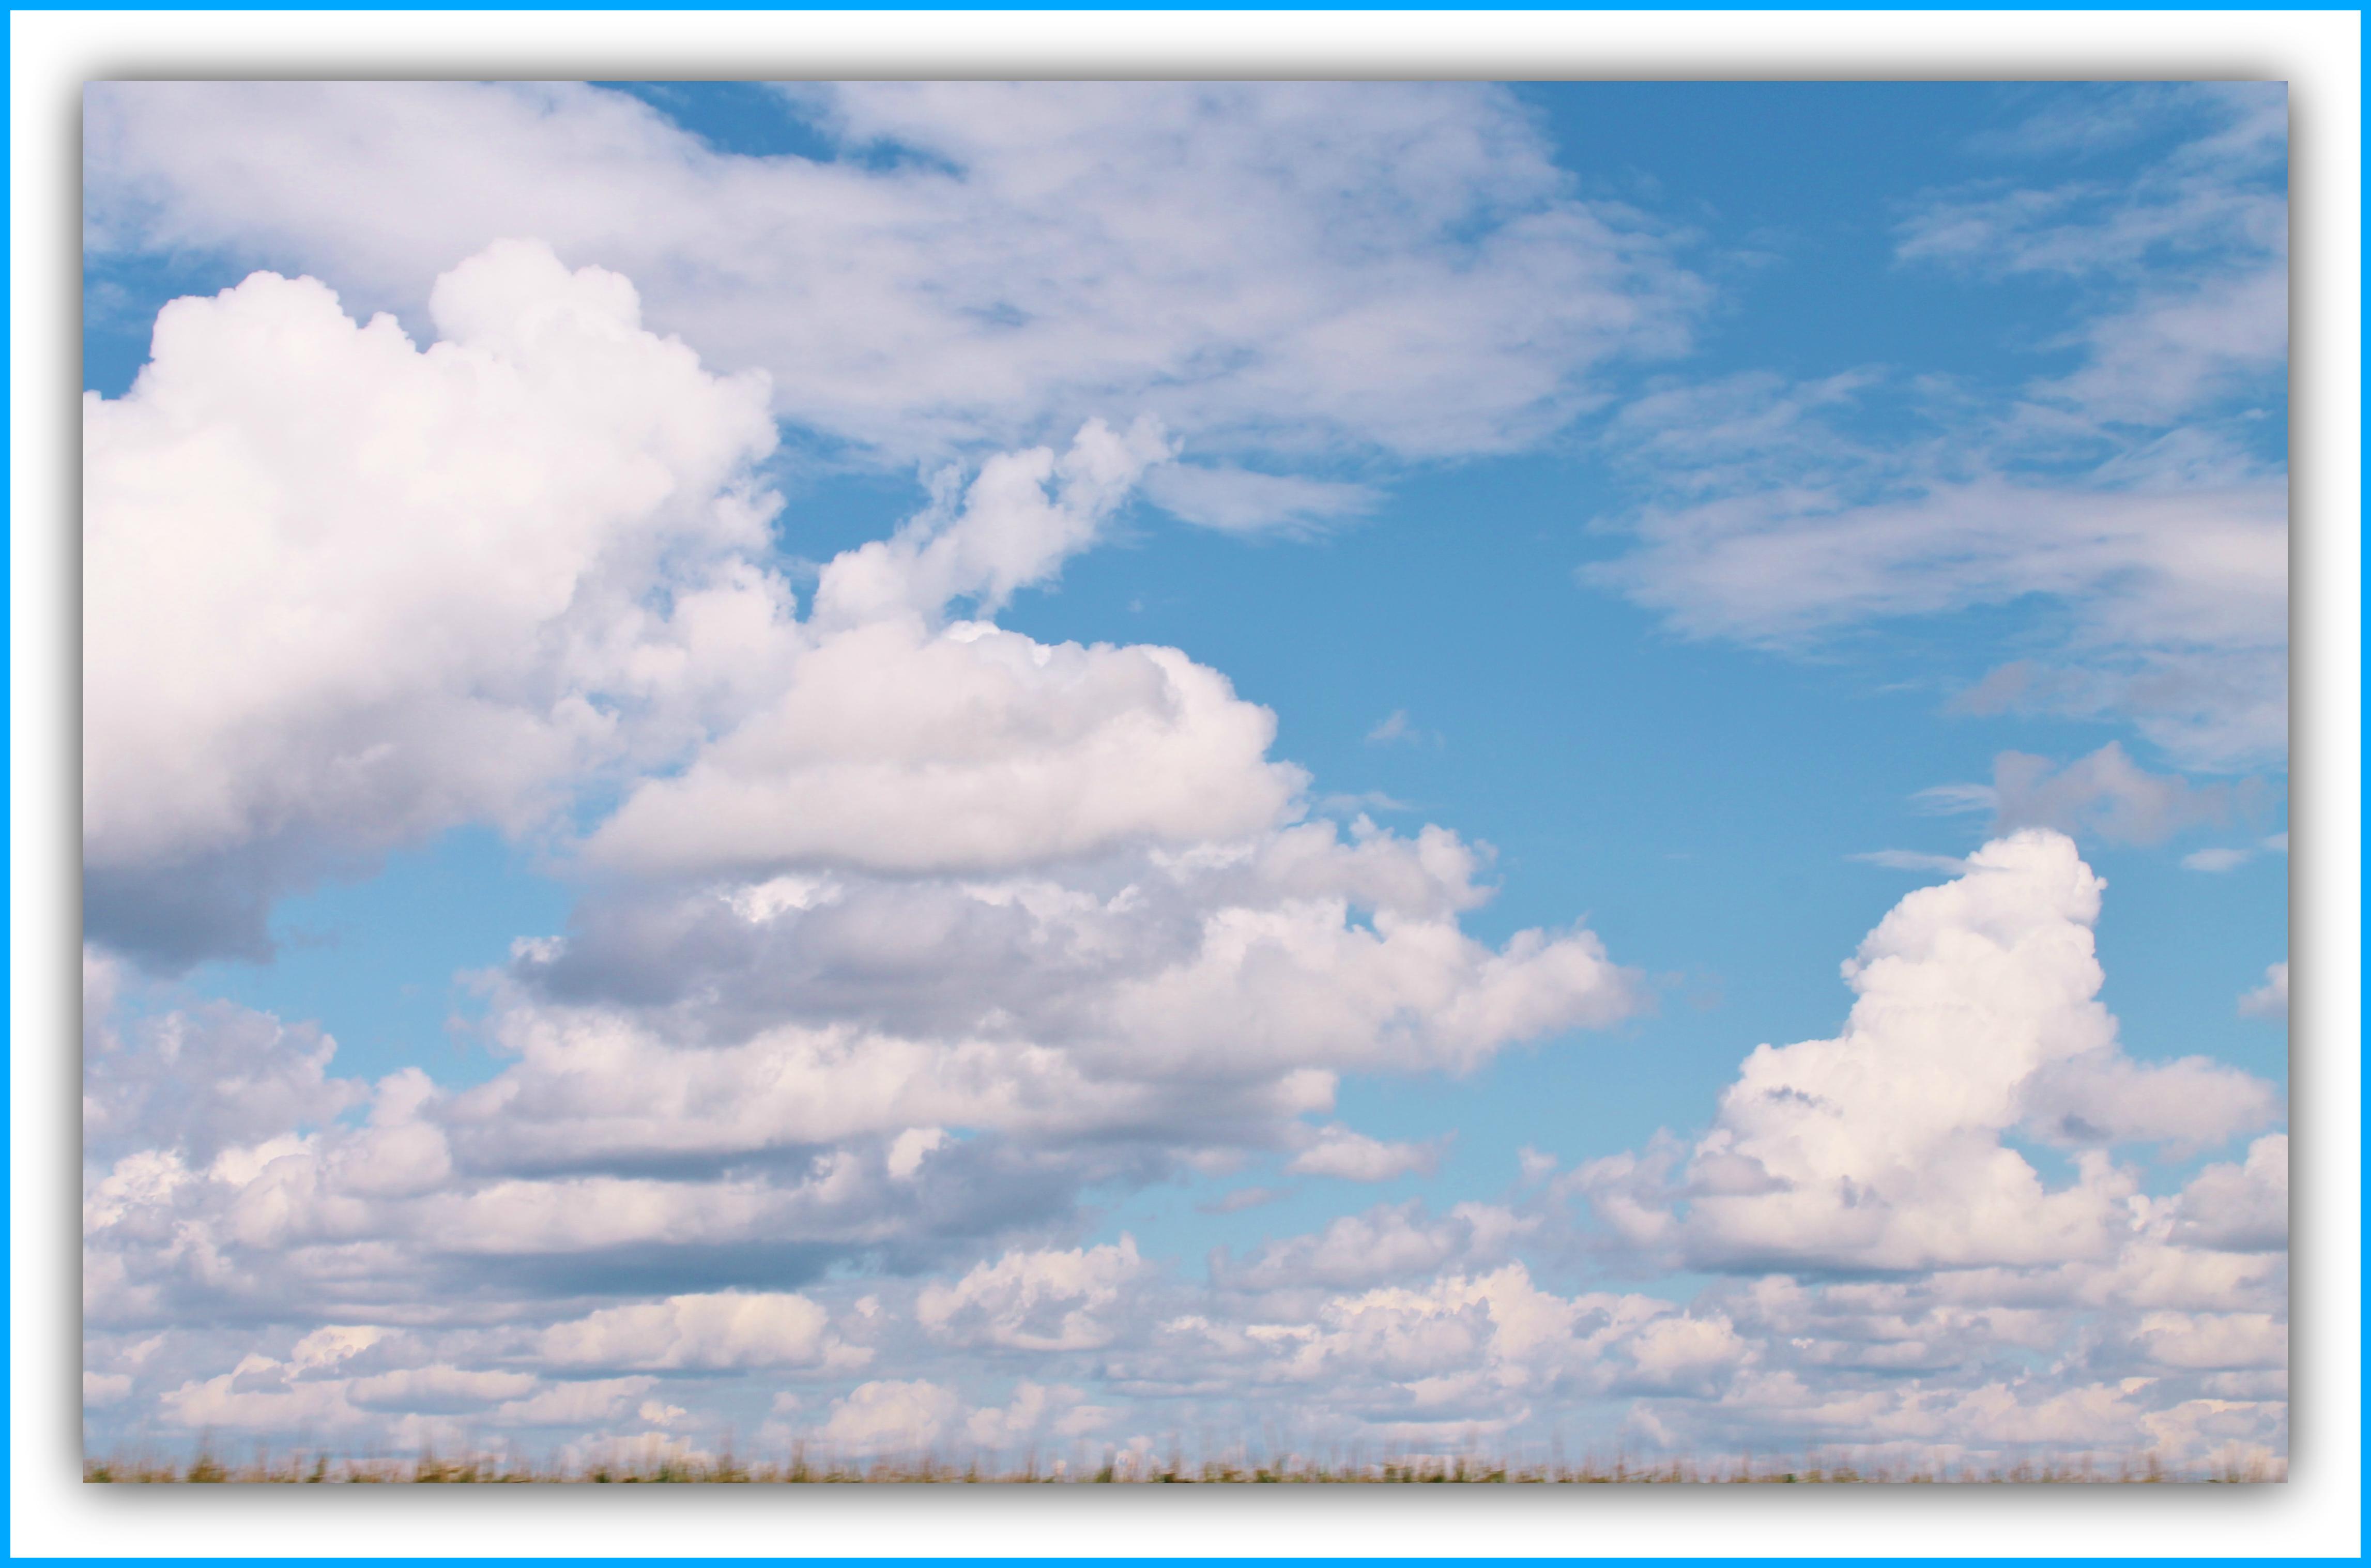 Hintergrundbilder : Himmel, Weiß, schön, Wolken, grau, Nuvole ...